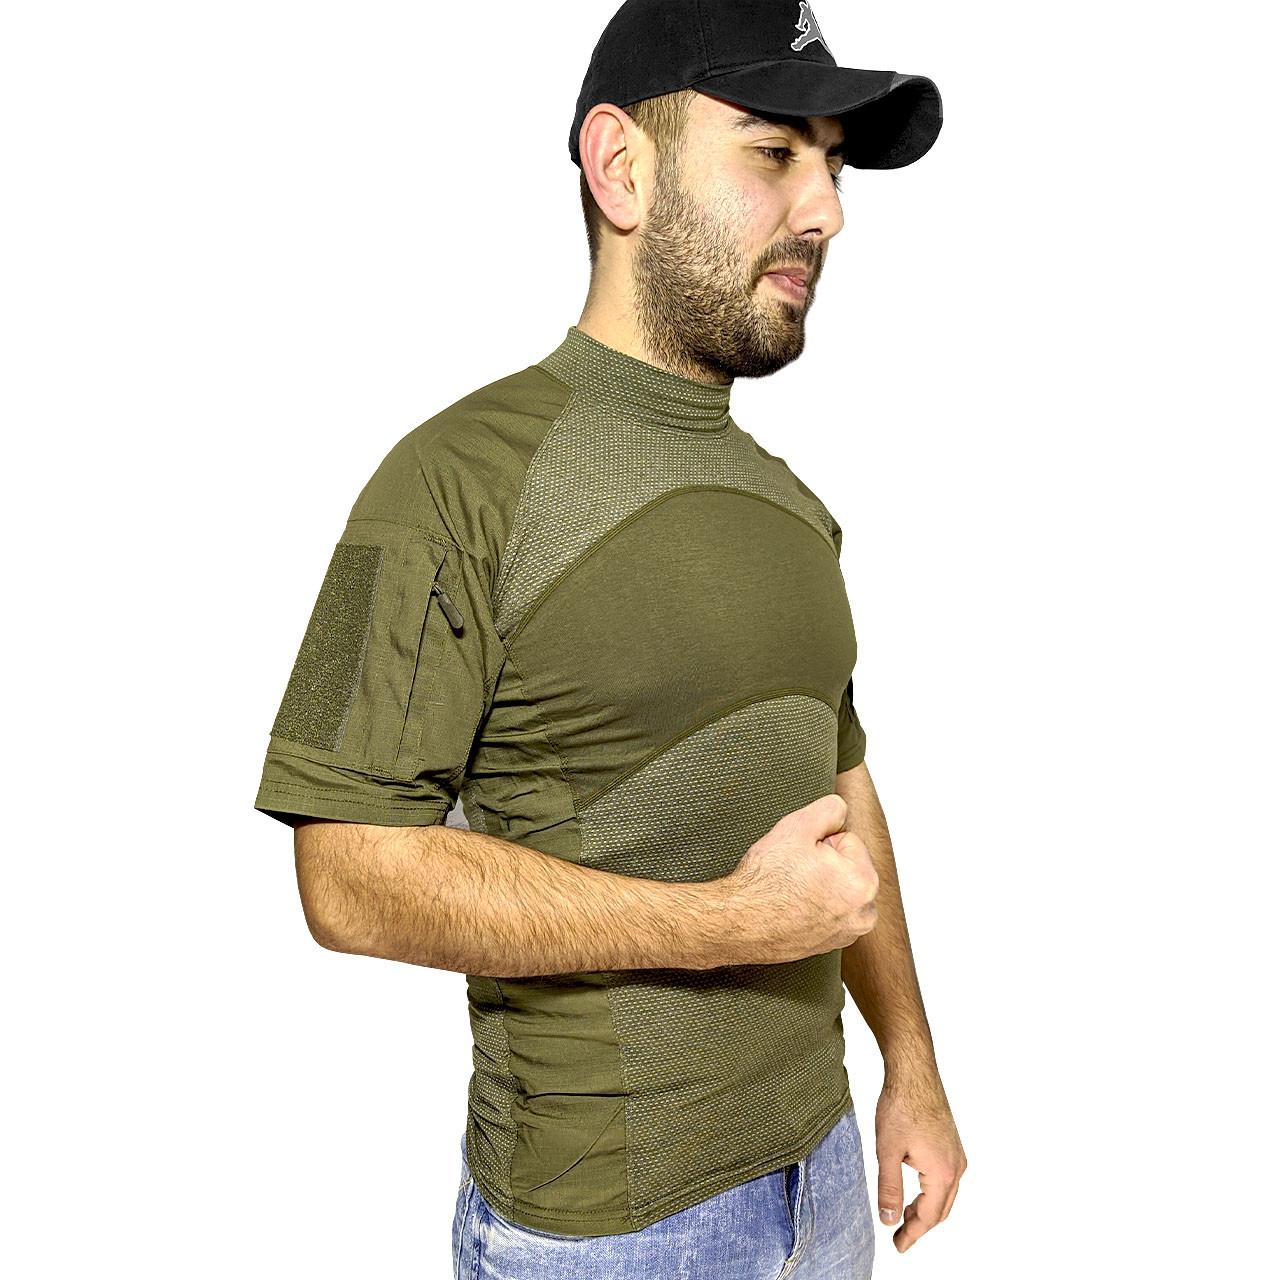 Тактическая футболка с коротким рукавом ESDY A424 Green M мужская армейская камуфляжная с карманами военная